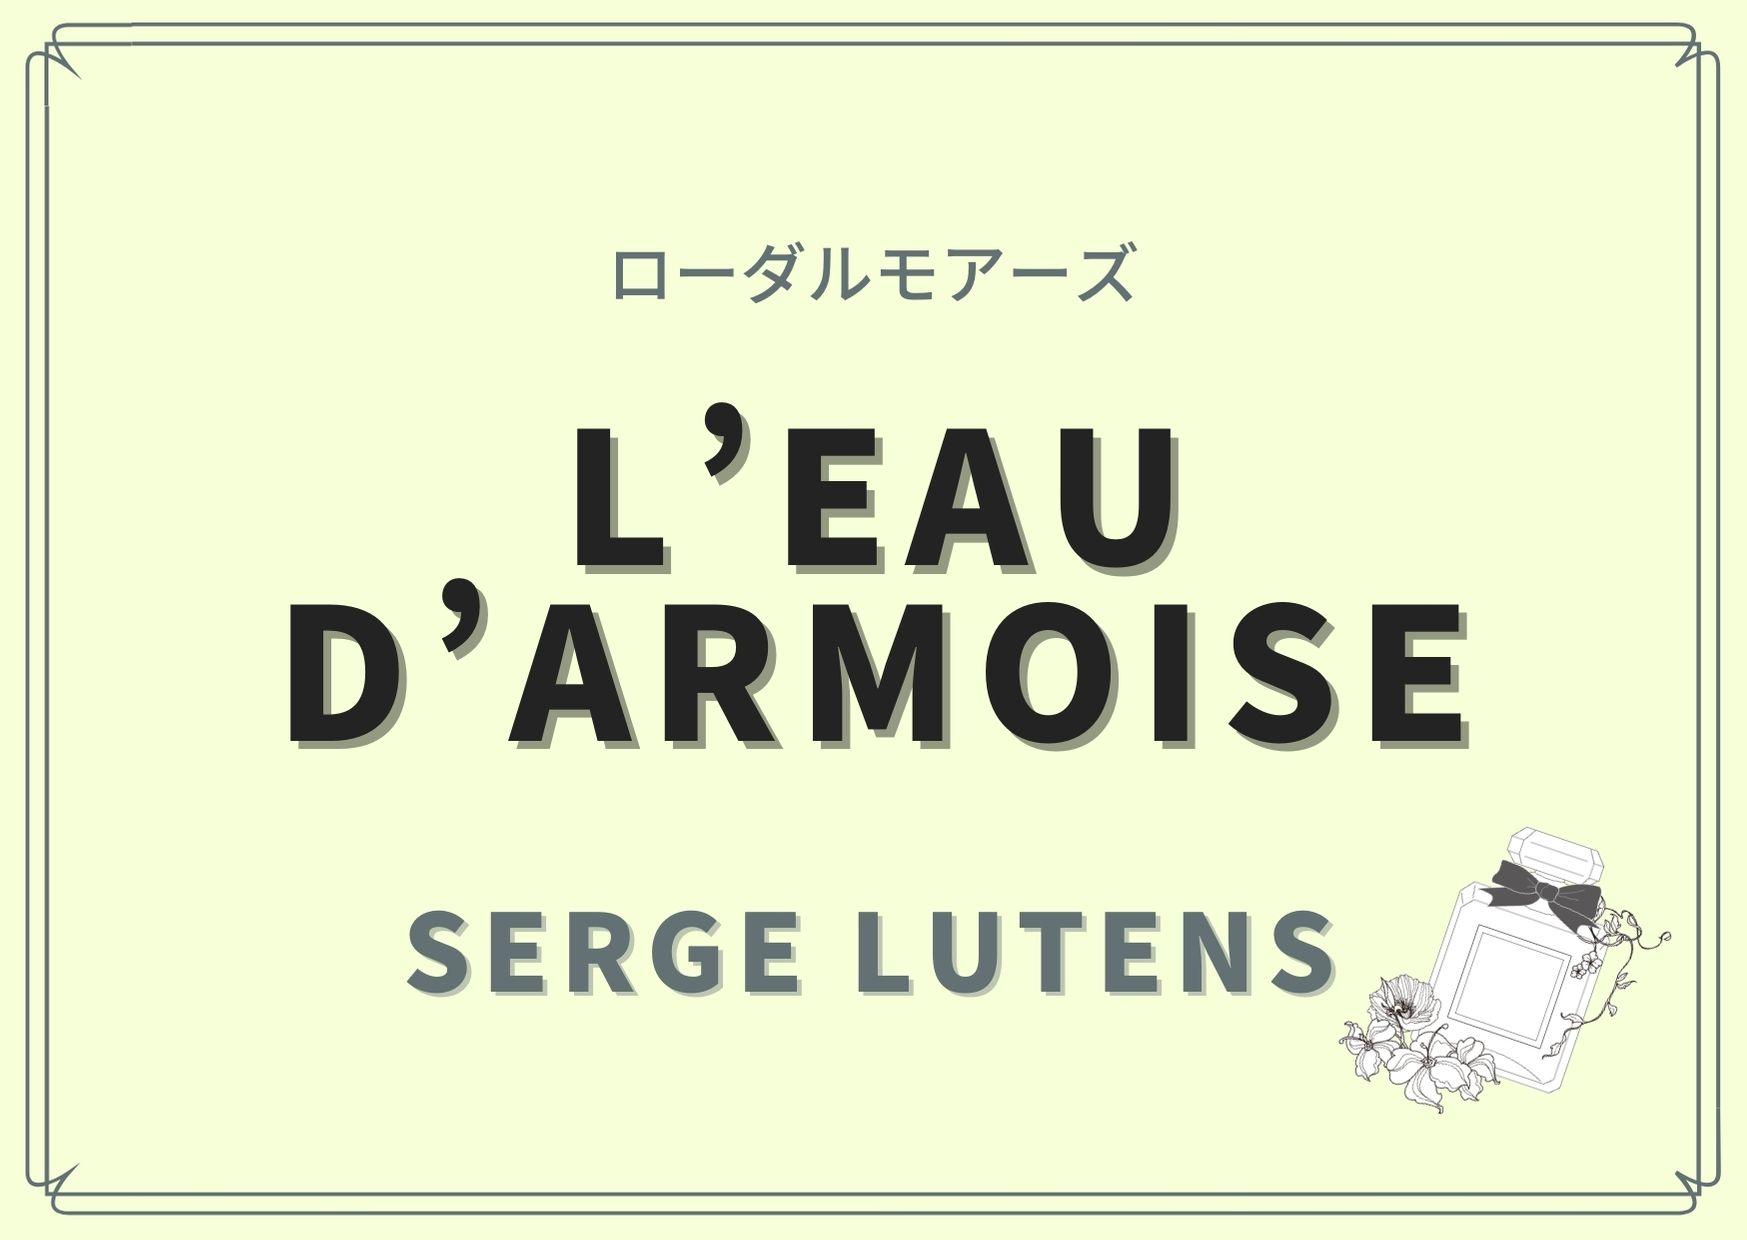 L'Eau d'Armoise(ローダルモアーズ)/SERGE LUTENS(セルジュ ルタンス)